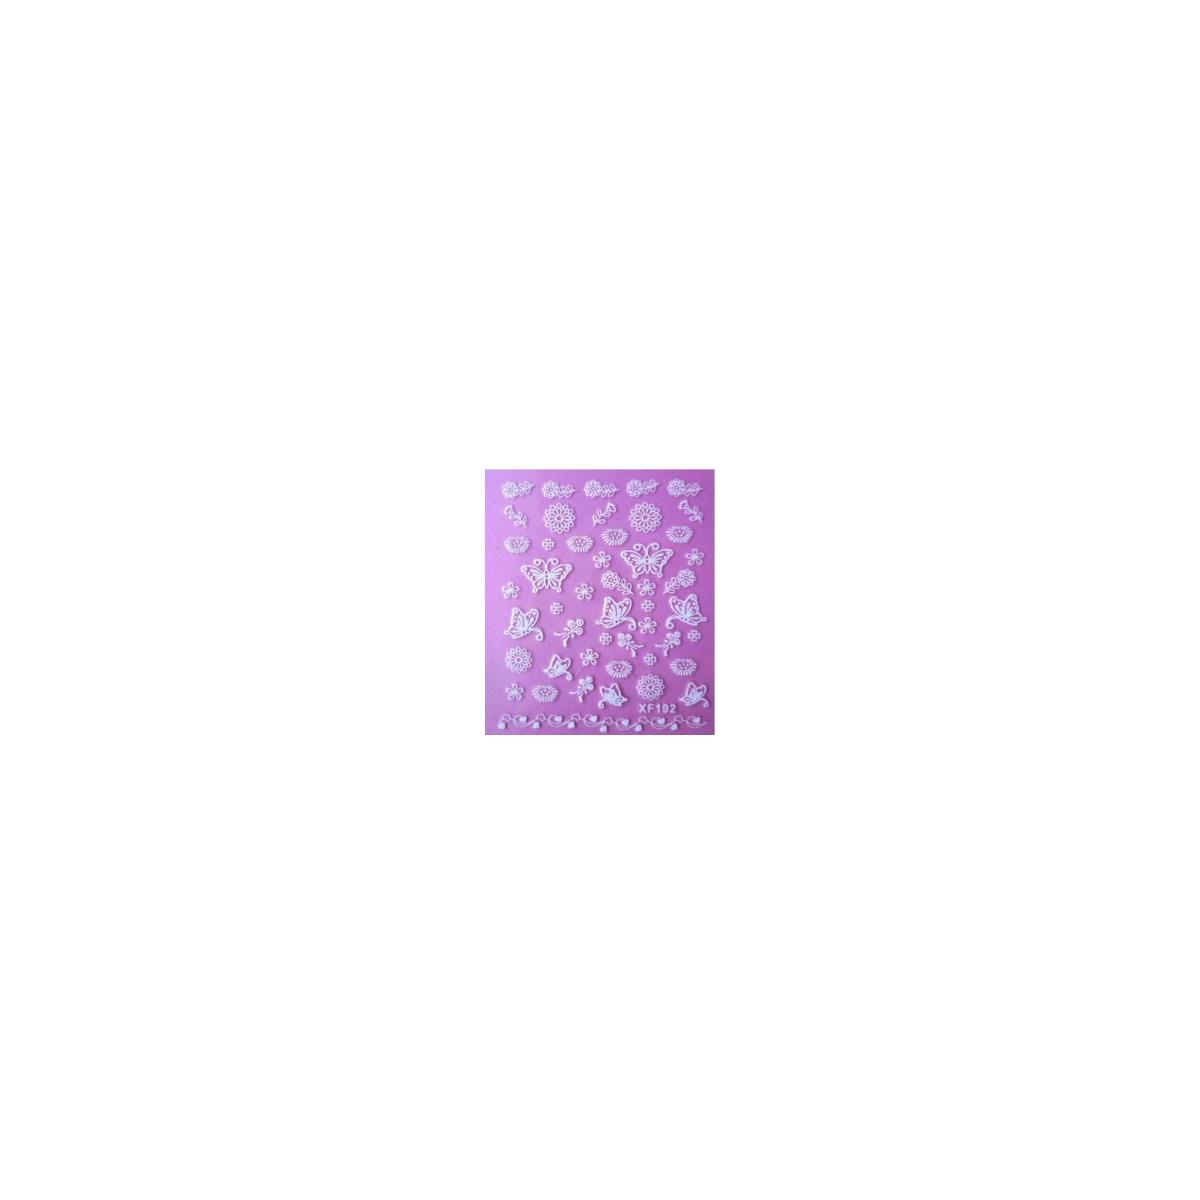 https://www.kit-manucure.com/135-thickbox_default/stickers-papillons-et-fleurs.jpg